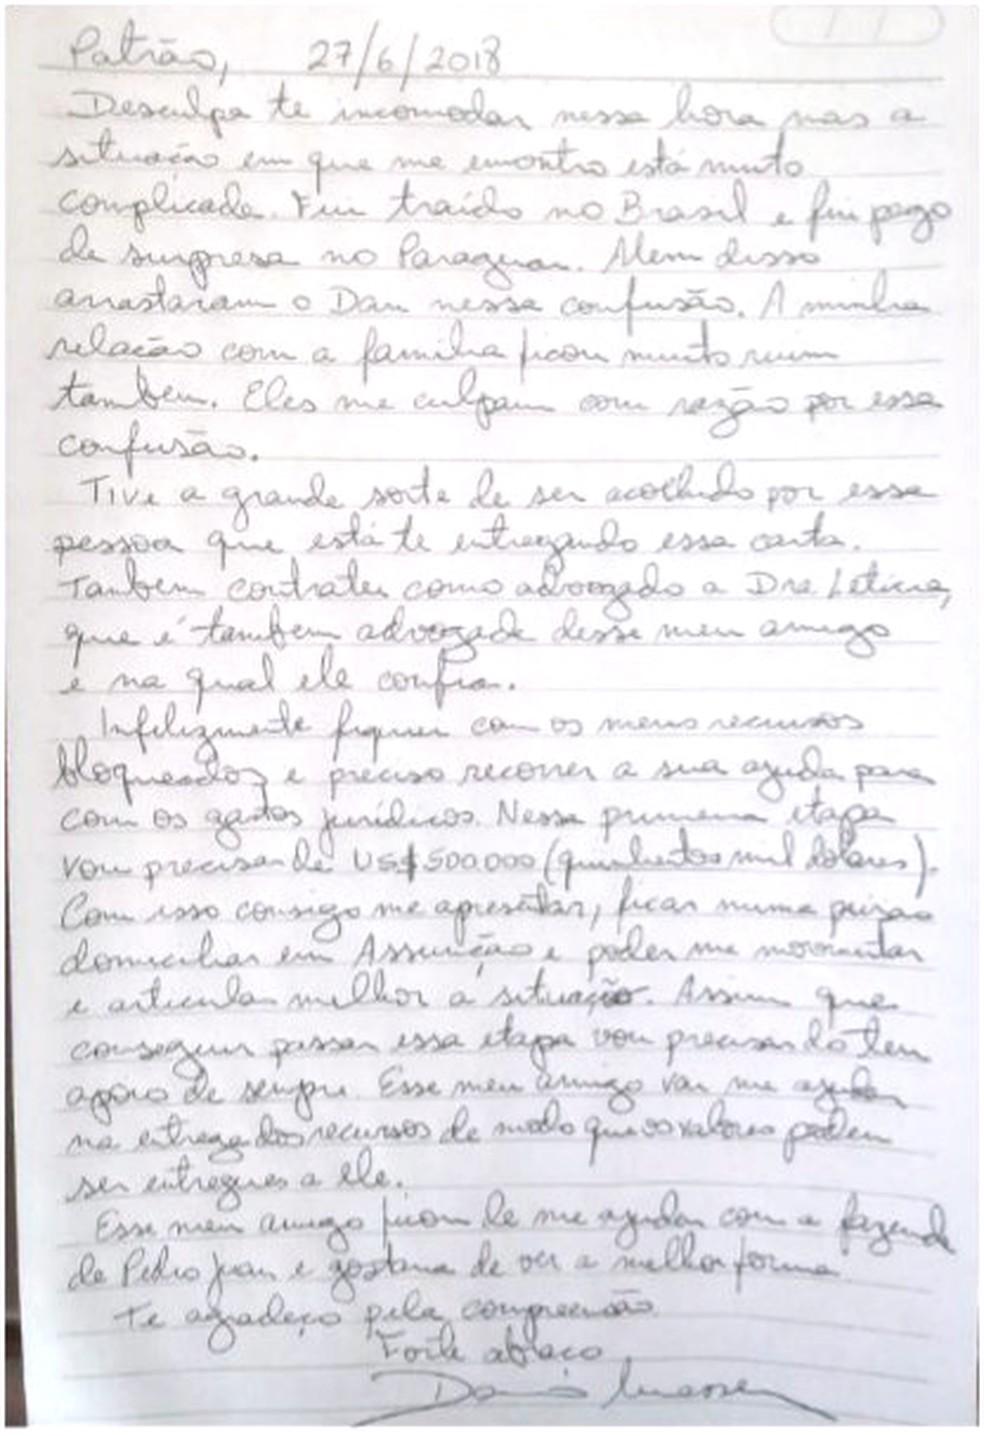 Carta de Dario Messer a Horacio Cartes — Foto: Reprodução